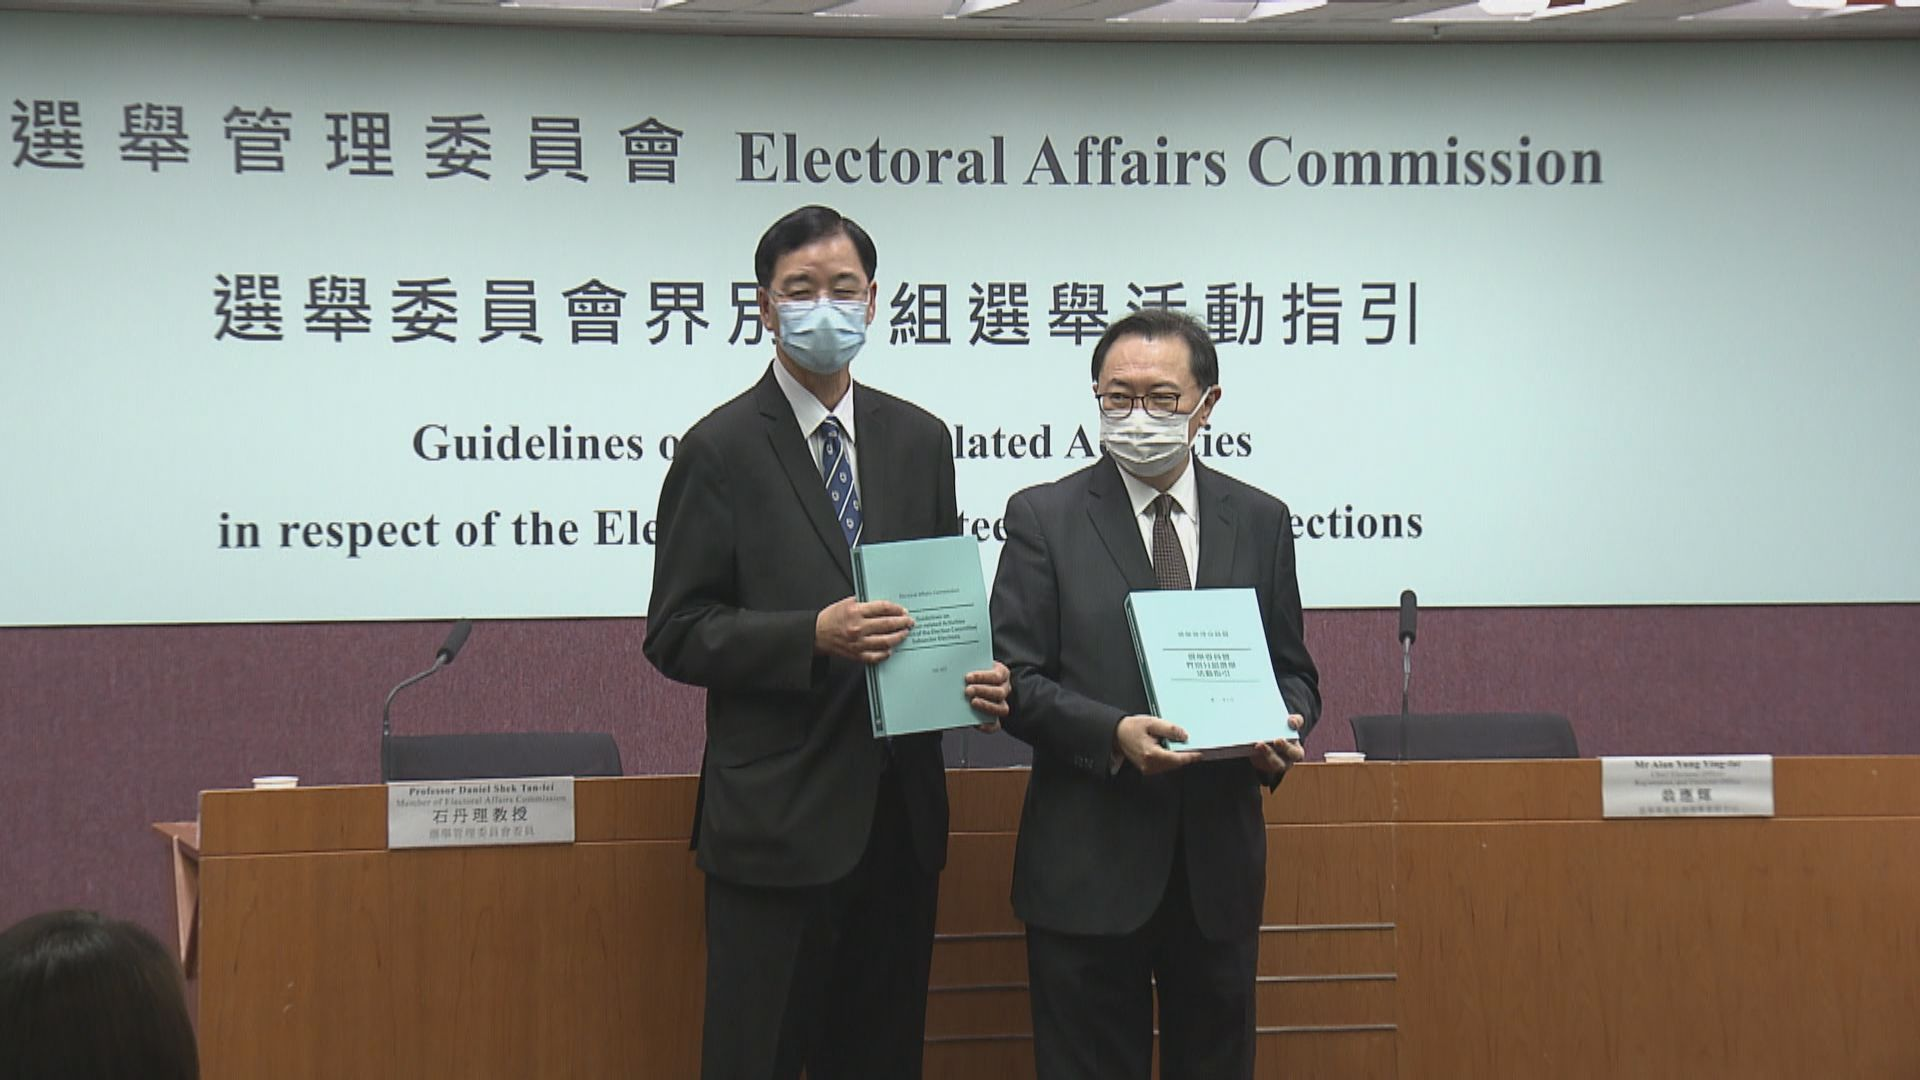 9月選委會選舉投票時間縮至九小時